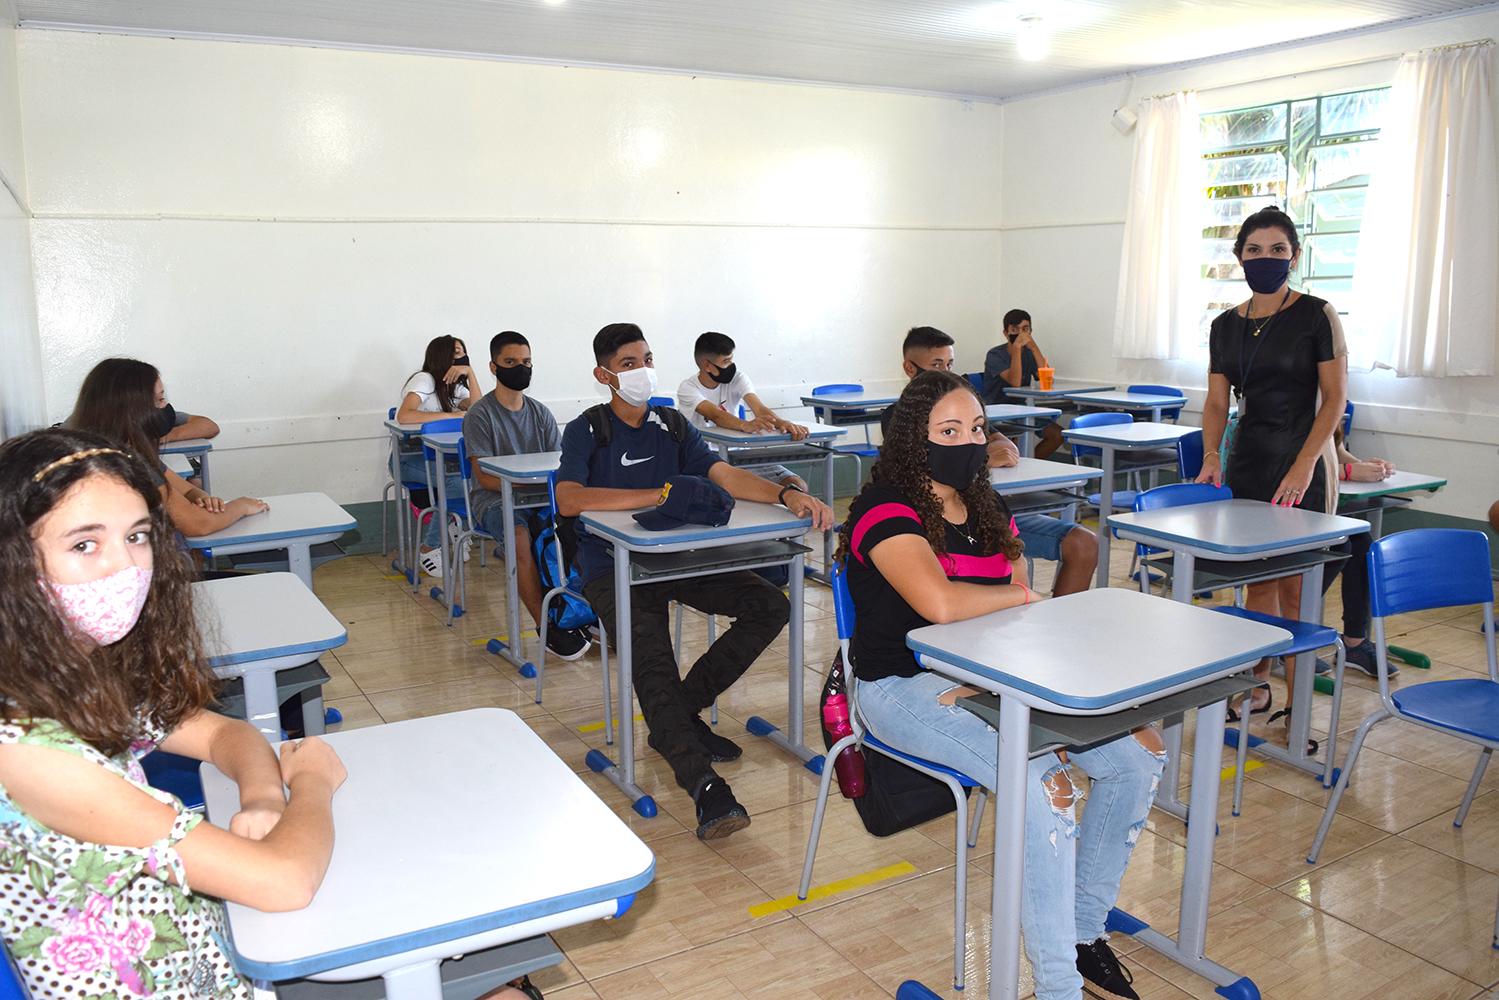 Novo Ensino Médio, com maior carga horária, começa a ser implementado gradualmente a partir de 2022